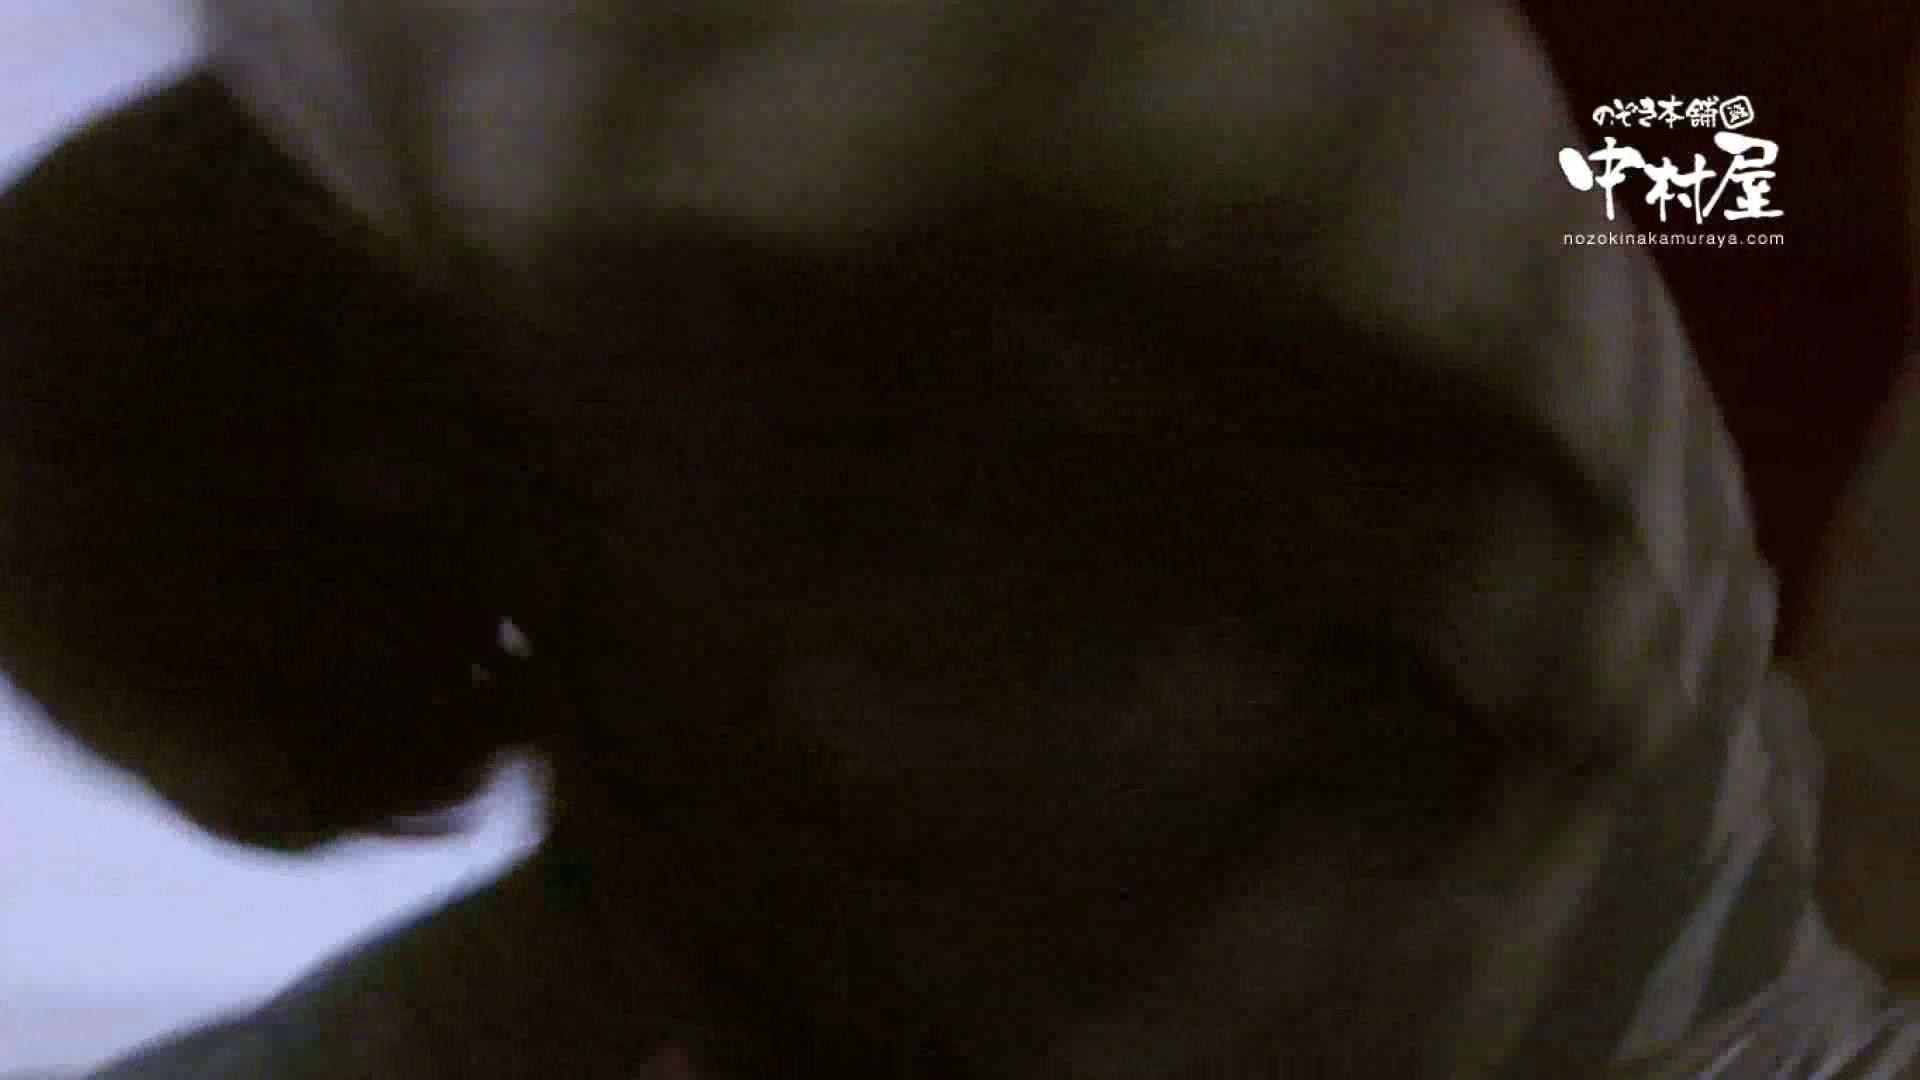 鬼畜 vol.05 誰にも言うなよ! はぃ… 前編 鬼畜  99pic 6